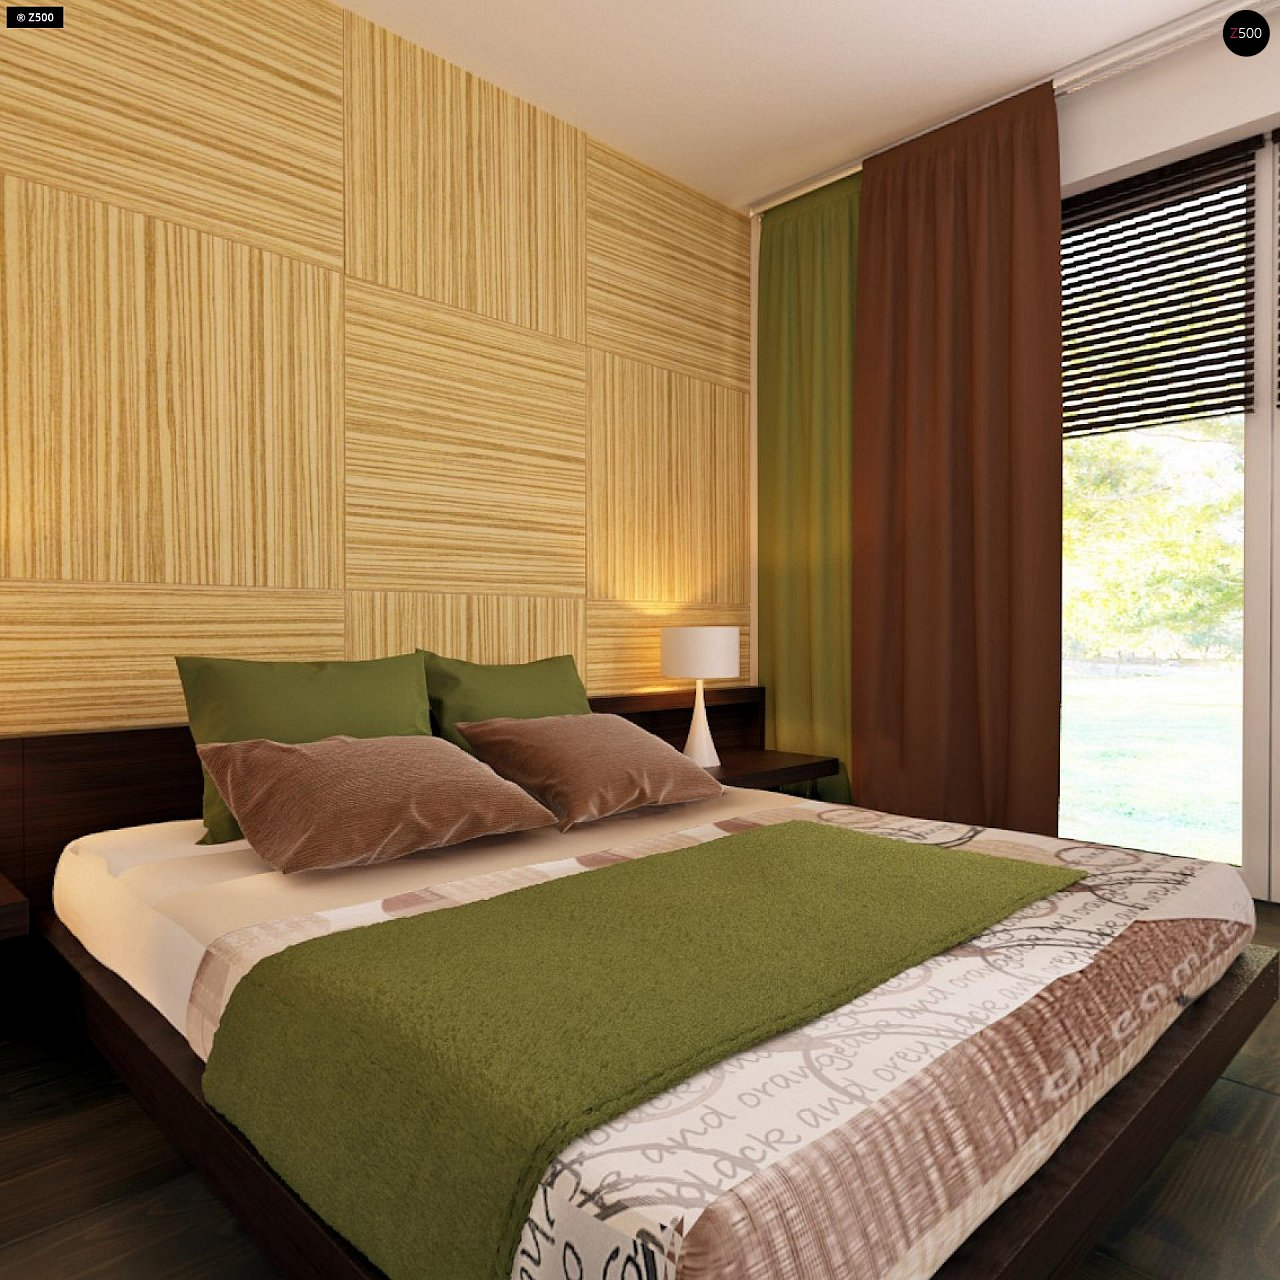 Дом традиционной формы с современными архитектурными дополнениями. Свободная планировка мансарды и антресоль над гостиной. 9